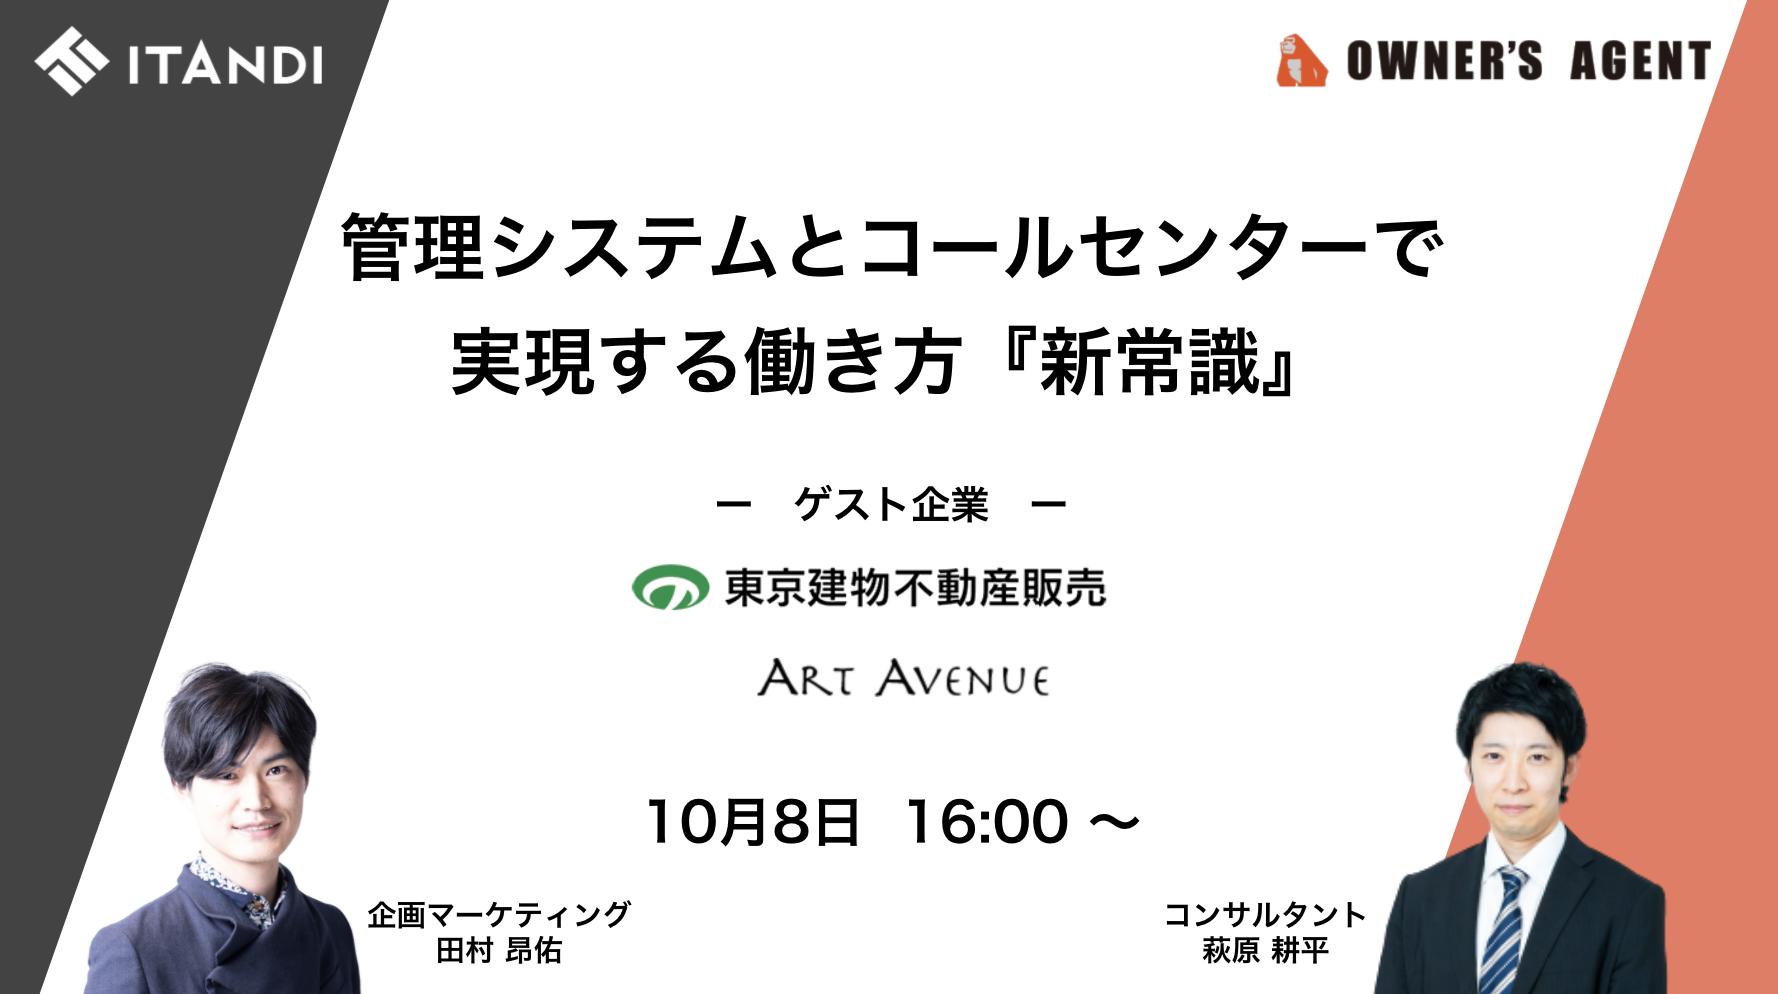 スクリーンショット 2020-10-06 3.20.22